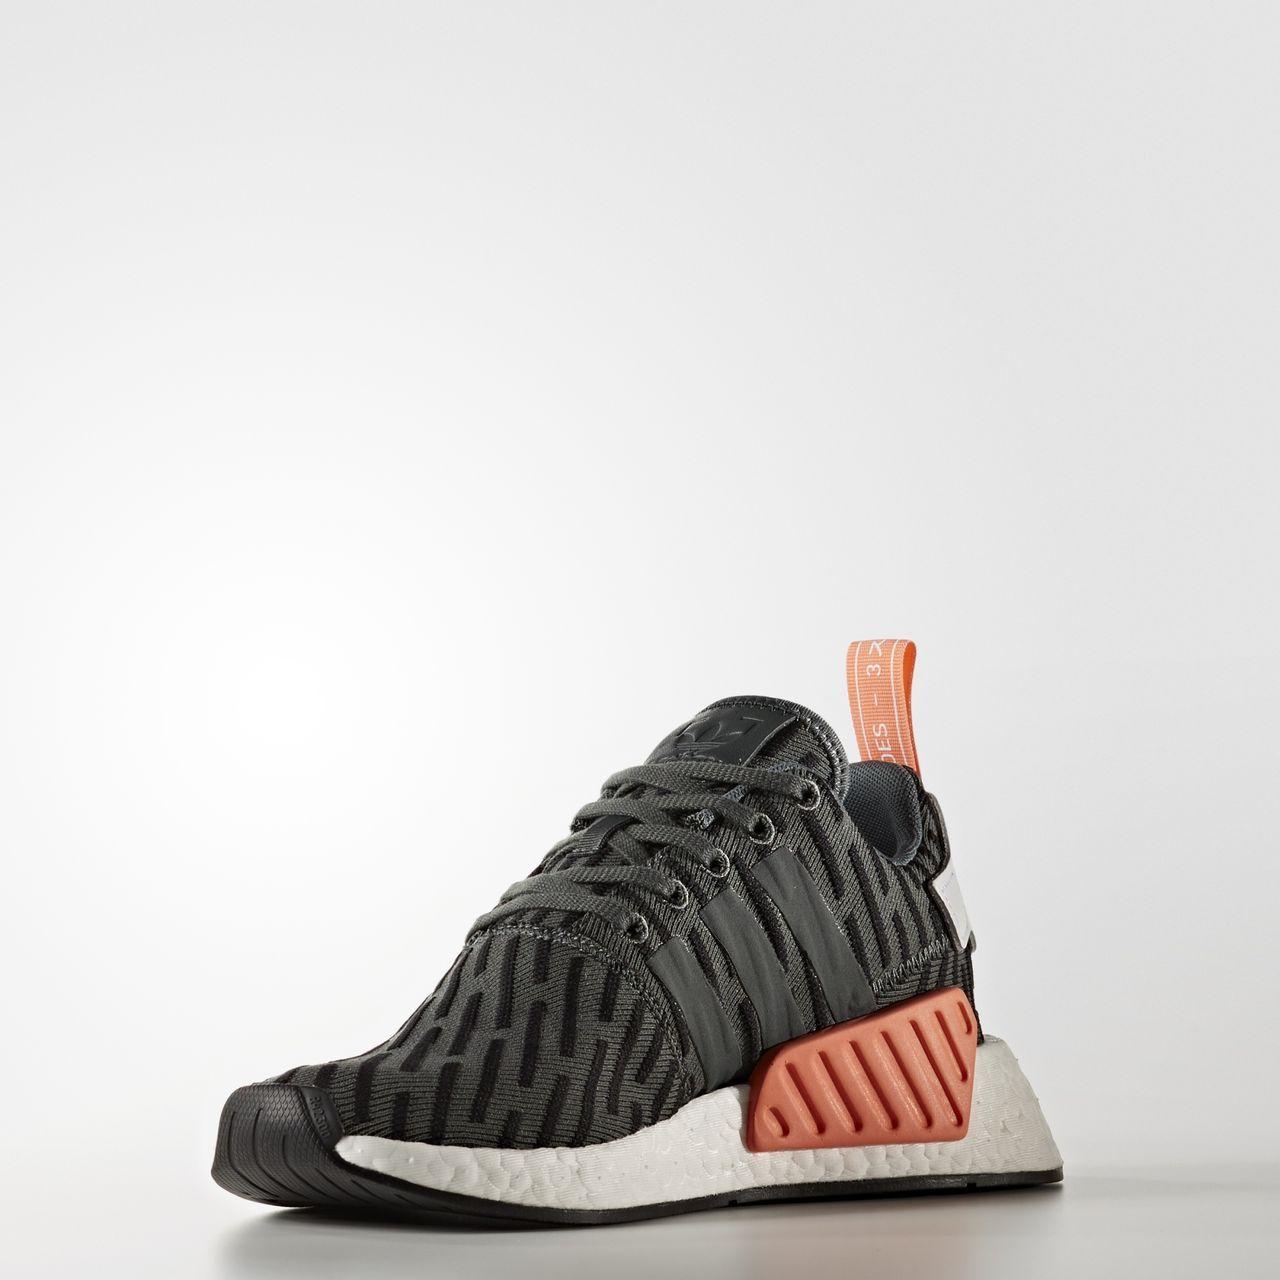 Inspirationen kommer från adidas rika arkiv. De här skorna för dam är  inspirerade av klassiska 9495a8c4098c7